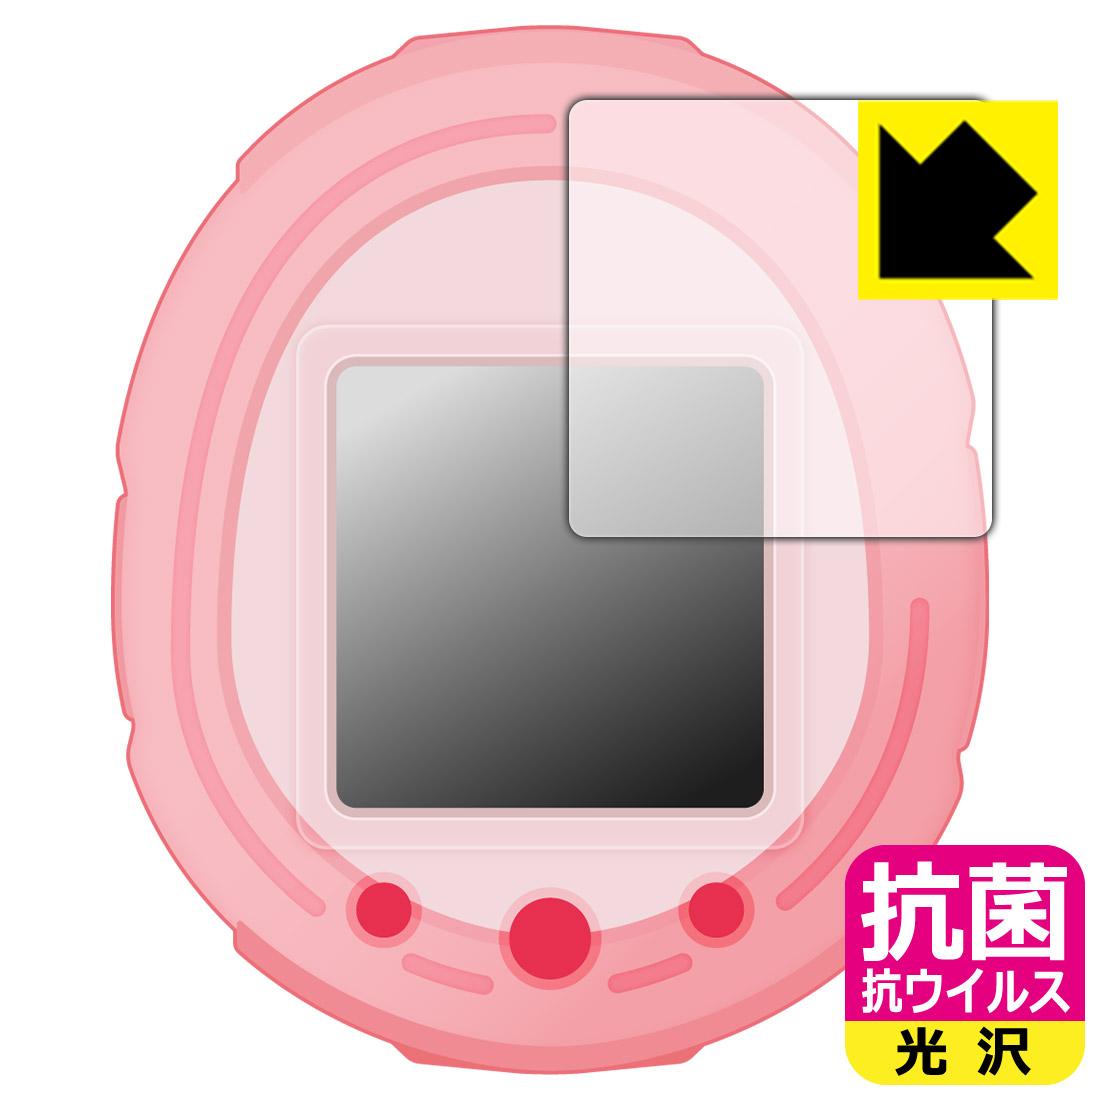 抗菌 抗ウイルス 2020新作 光沢 Tamagotchi 無料 Smart たまごっちスマート シリーズ 専用保護フィルム 保護シート 保護フィルム 用 smtb-kd